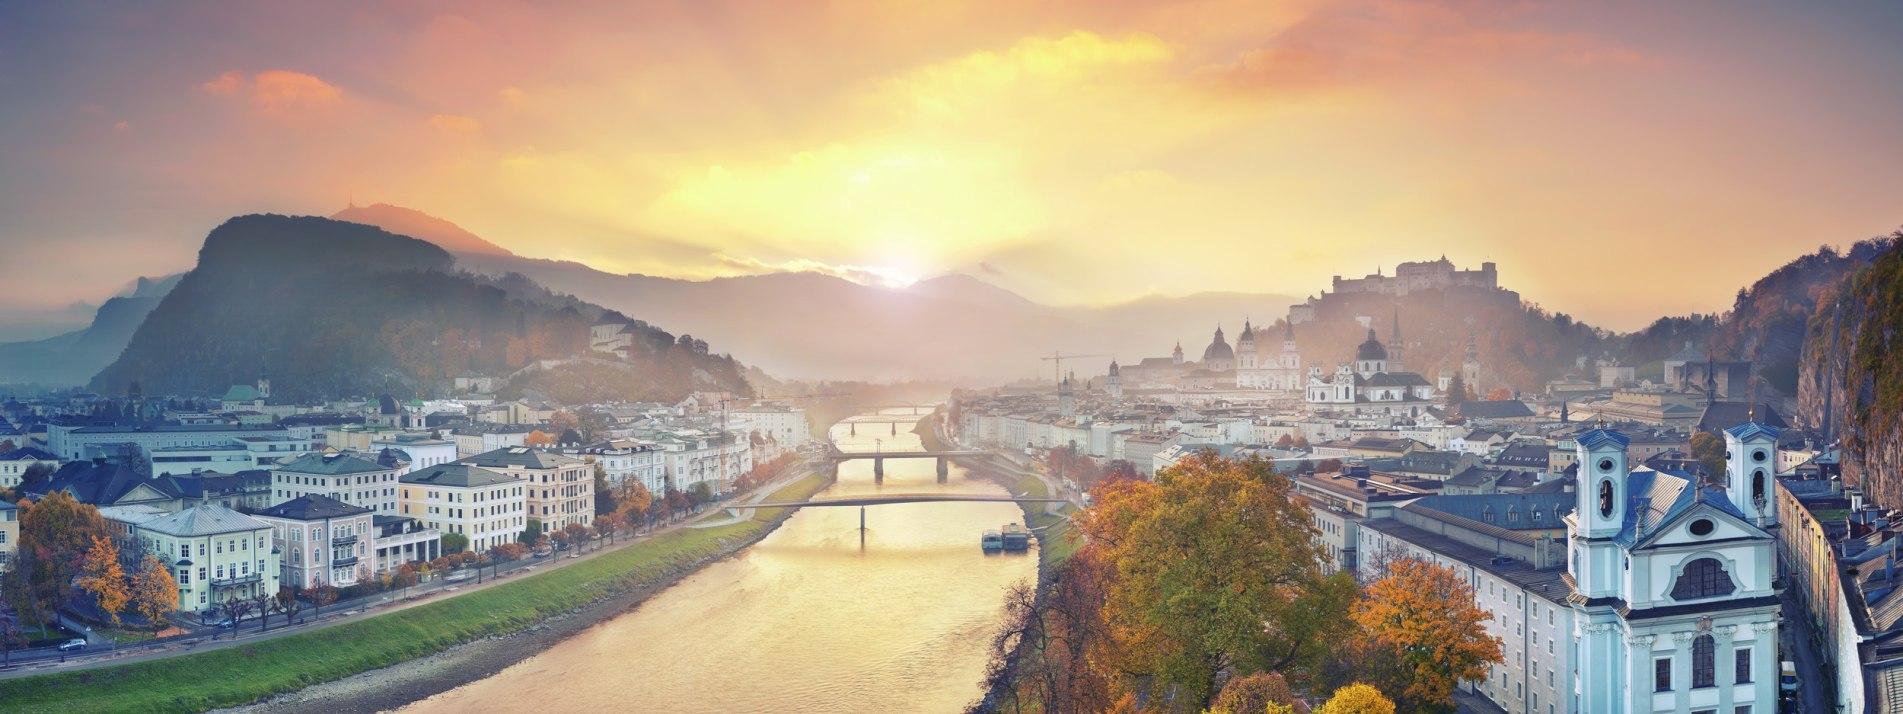 Panoramafoto von Salzburg während eines herbstlichen Sonnenaufgangs - BAHNHIT.DE, © getty, Foto: RudyBalasko